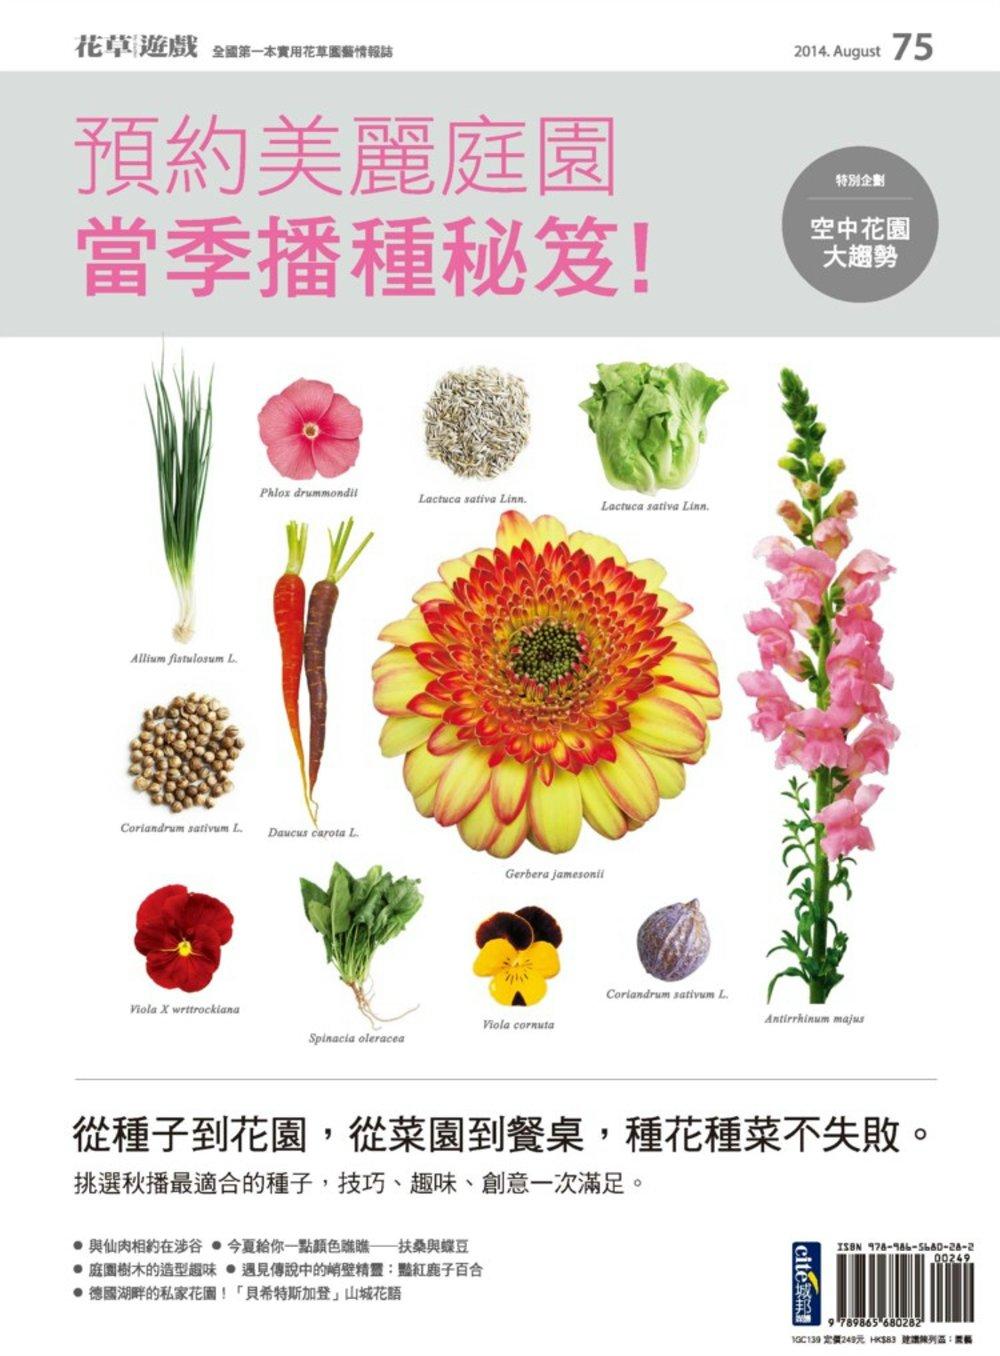 花草遊戲No.75預約美麗庭園,當季播種秘笈